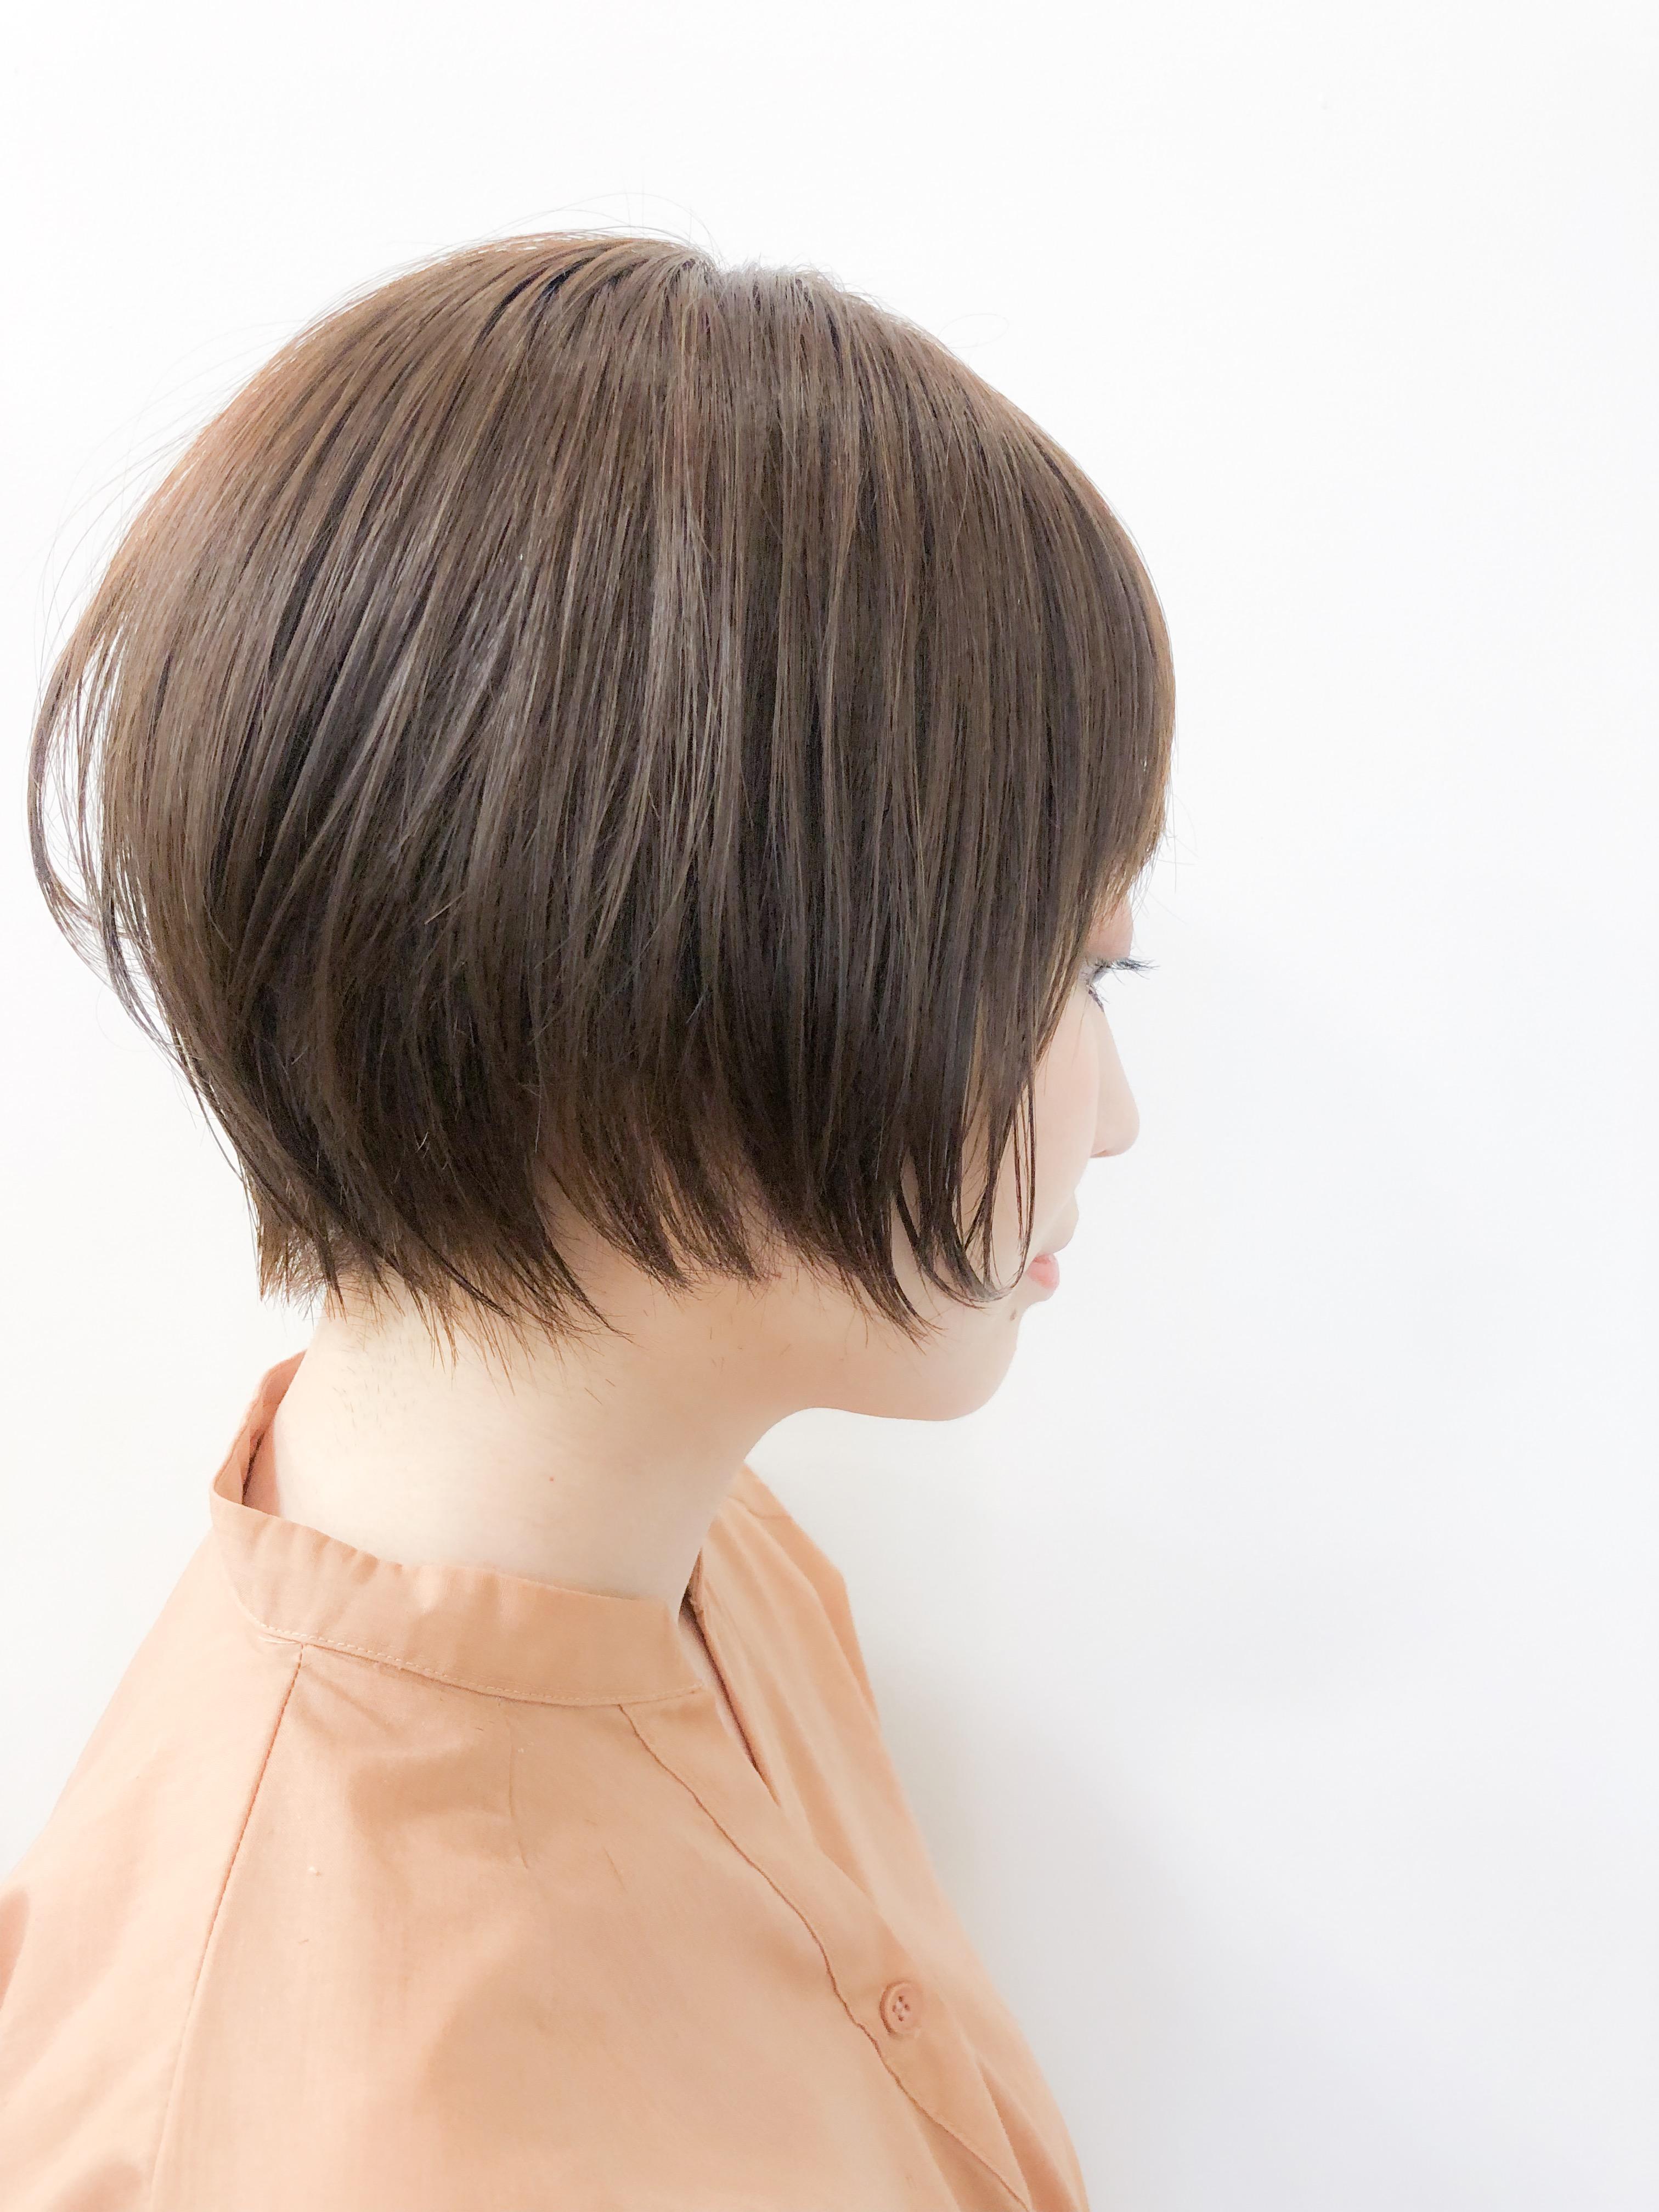 ショートヘア 横顔の印象はカットラインで決まる